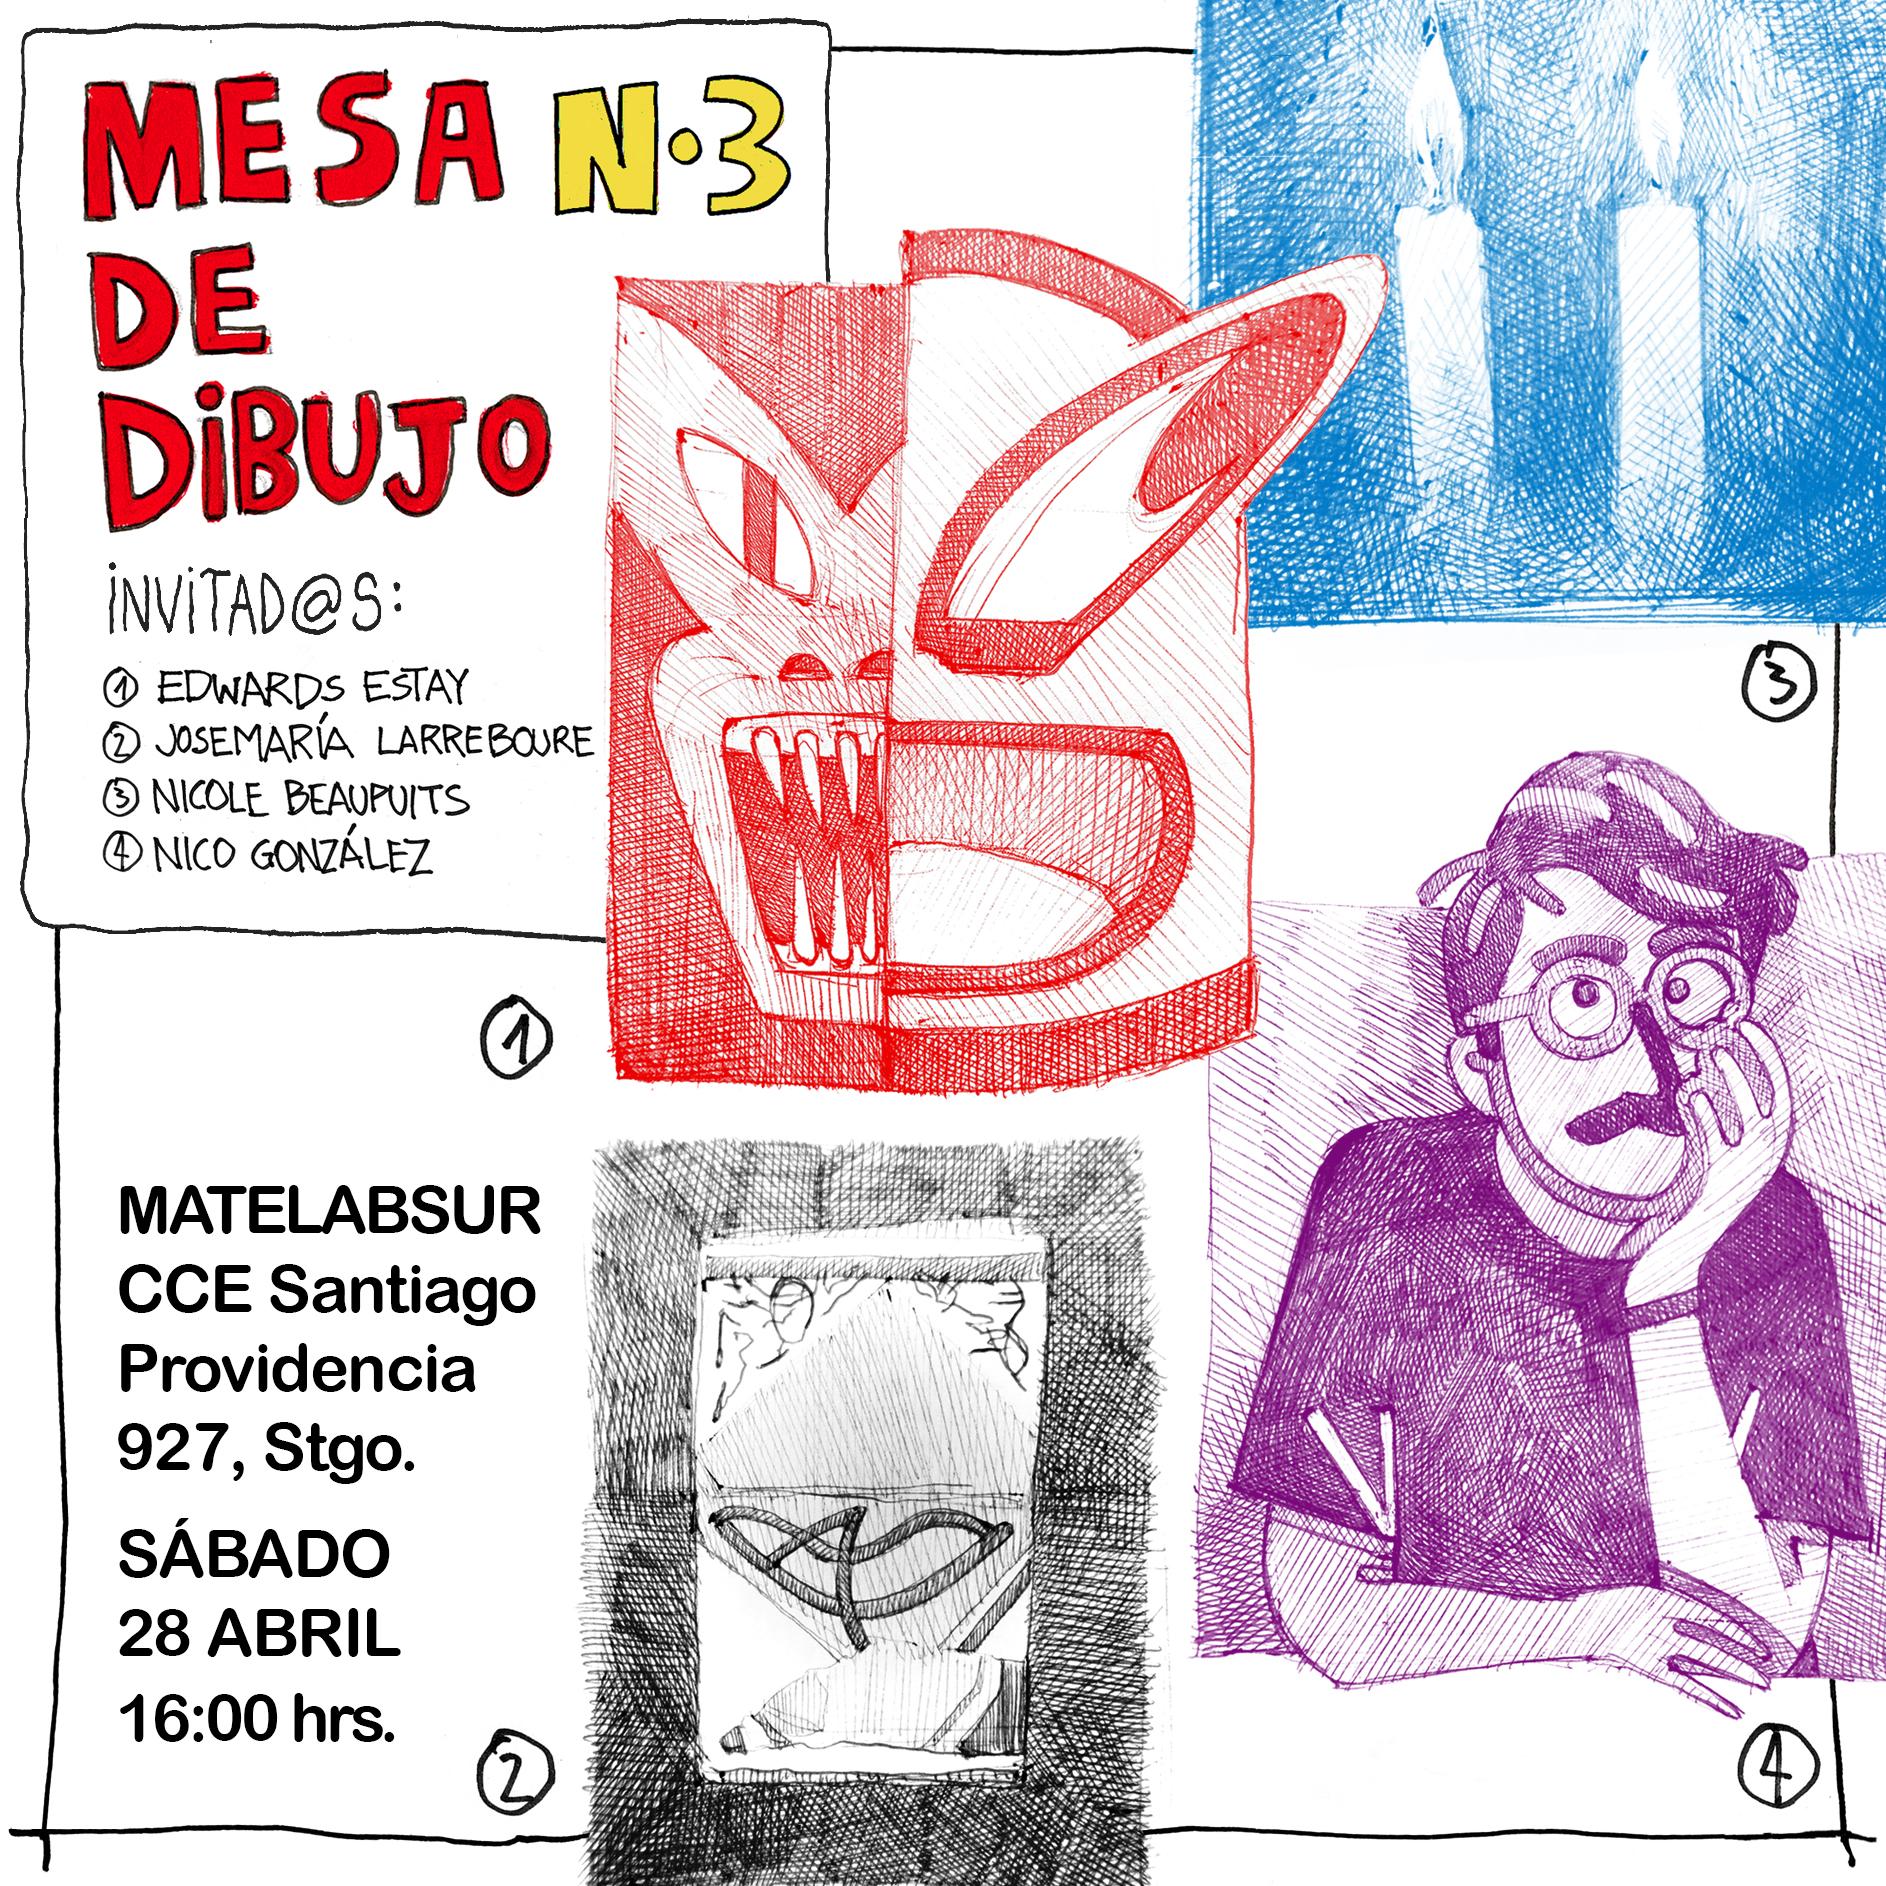 Mesa de Dibujo 3 - Invitación evento cuadrado